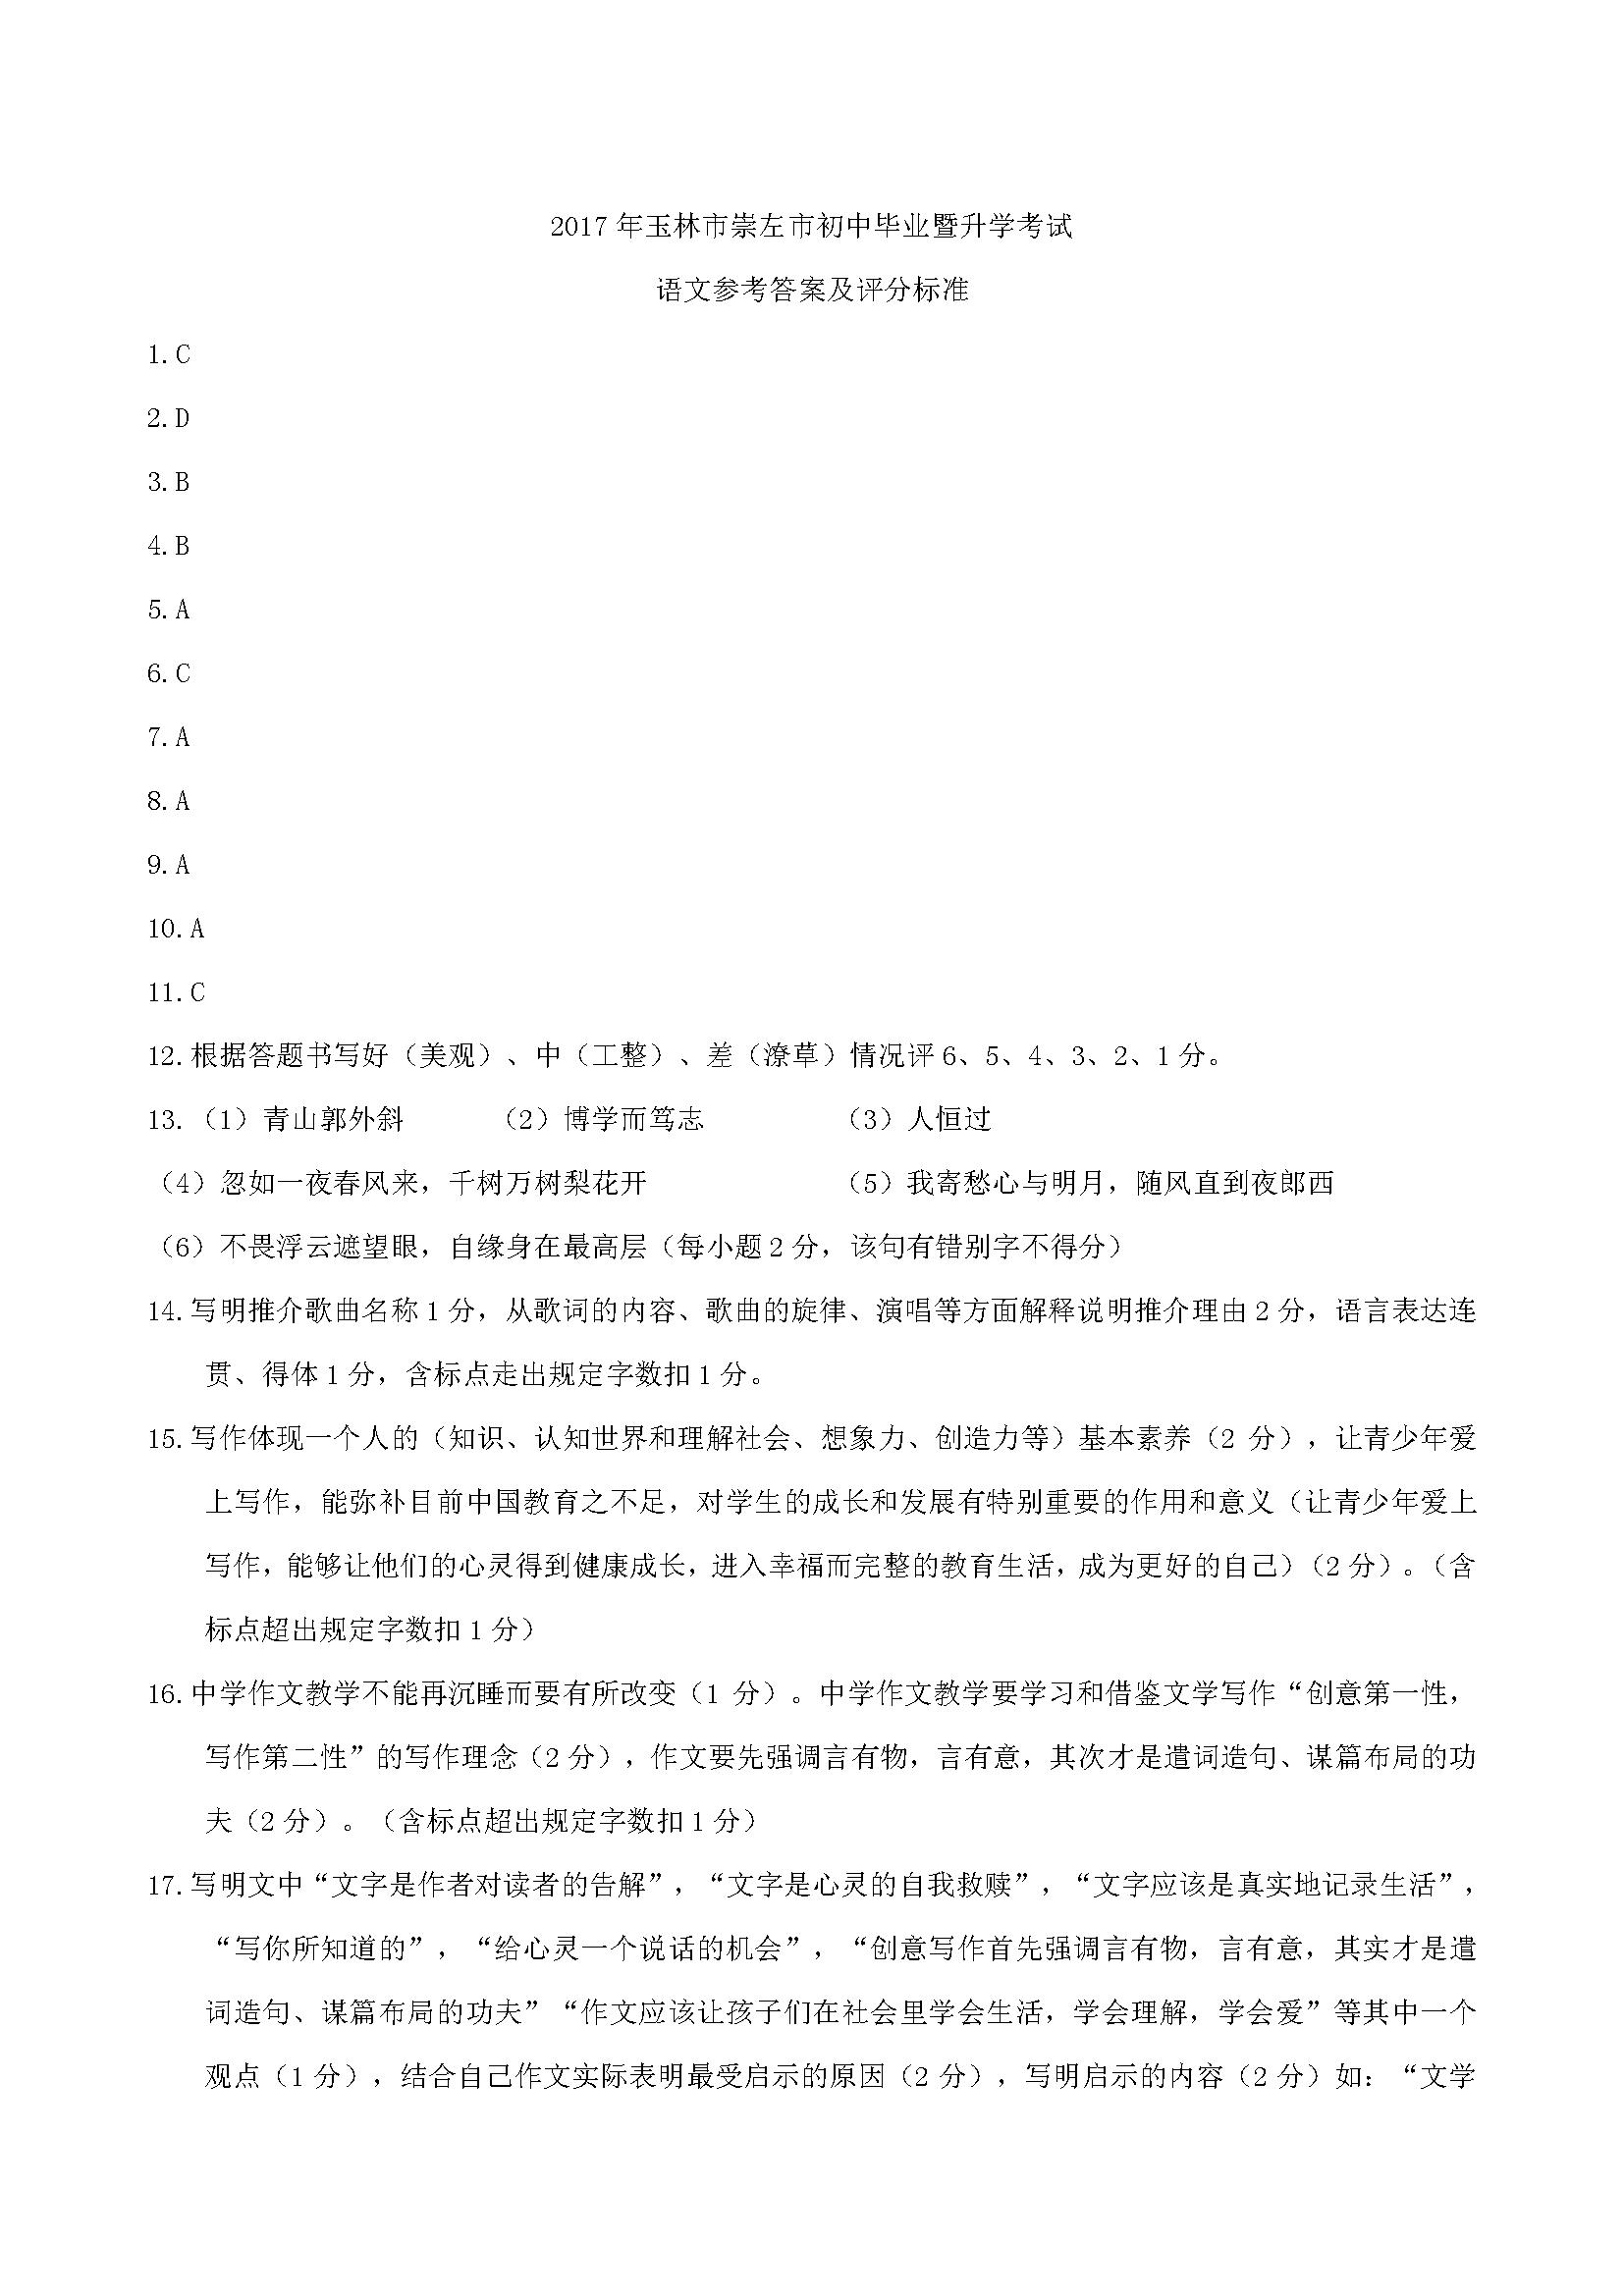 广西玉林崇左2017年中考语文试题答案(Word版)